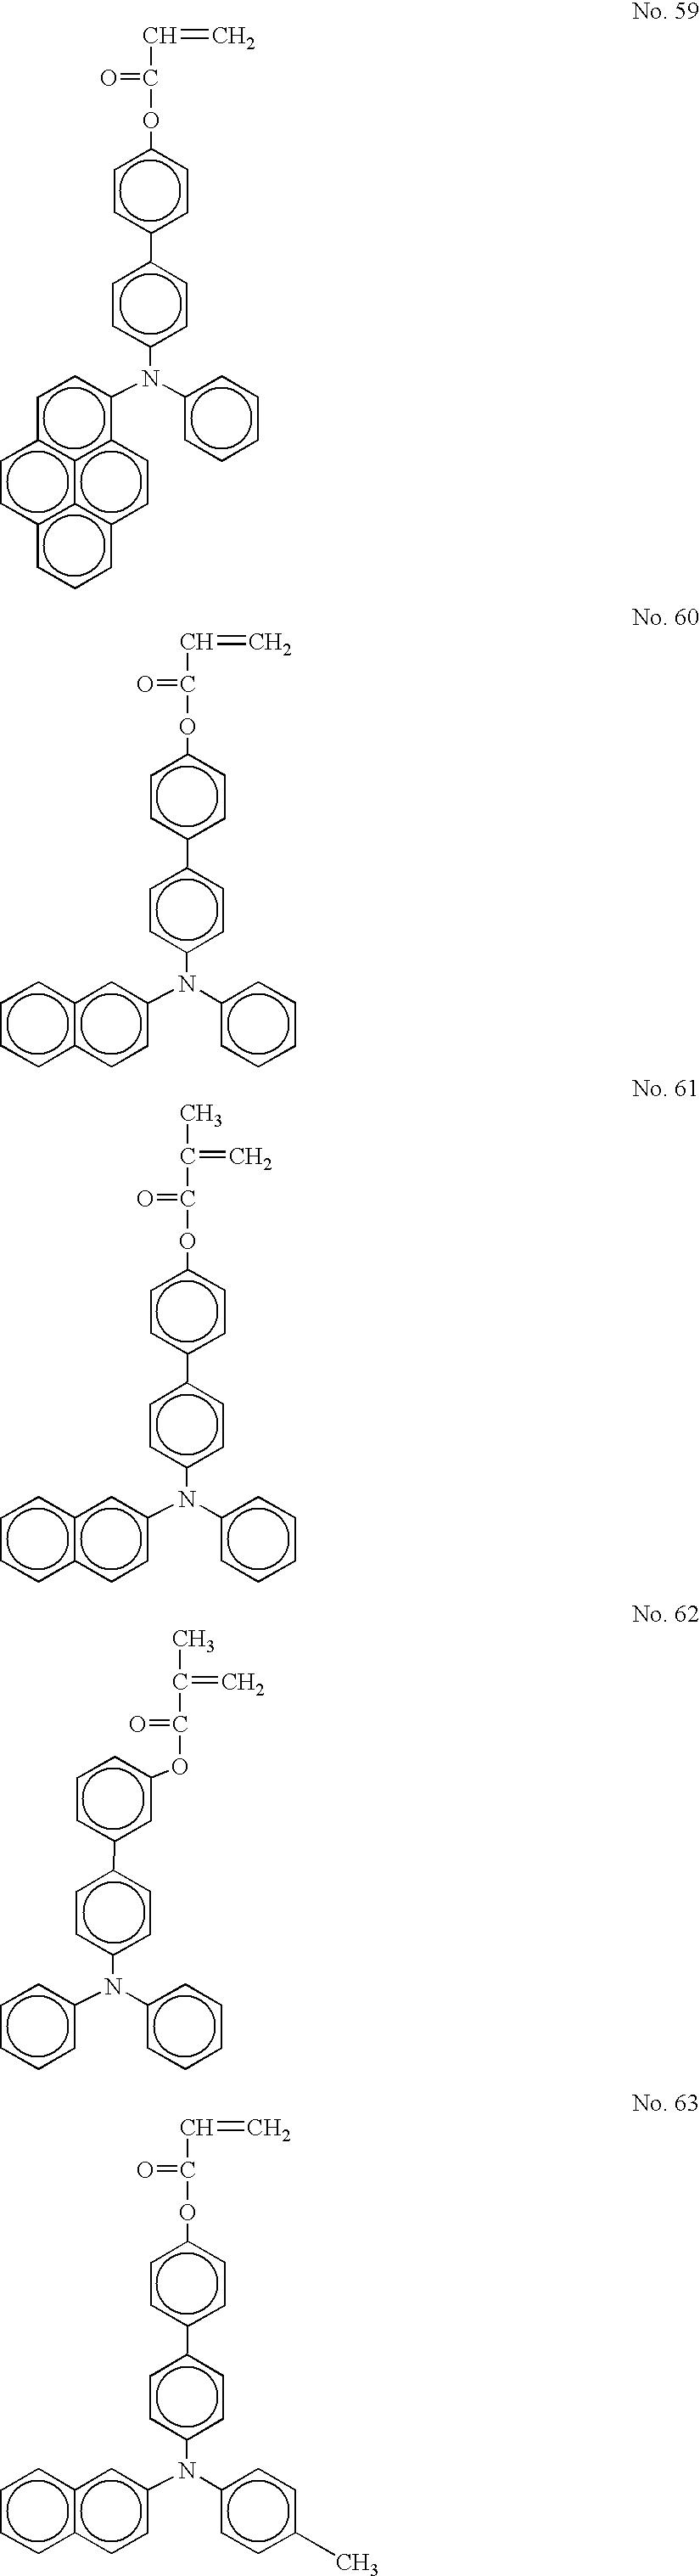 Figure US20070059619A1-20070315-C00026